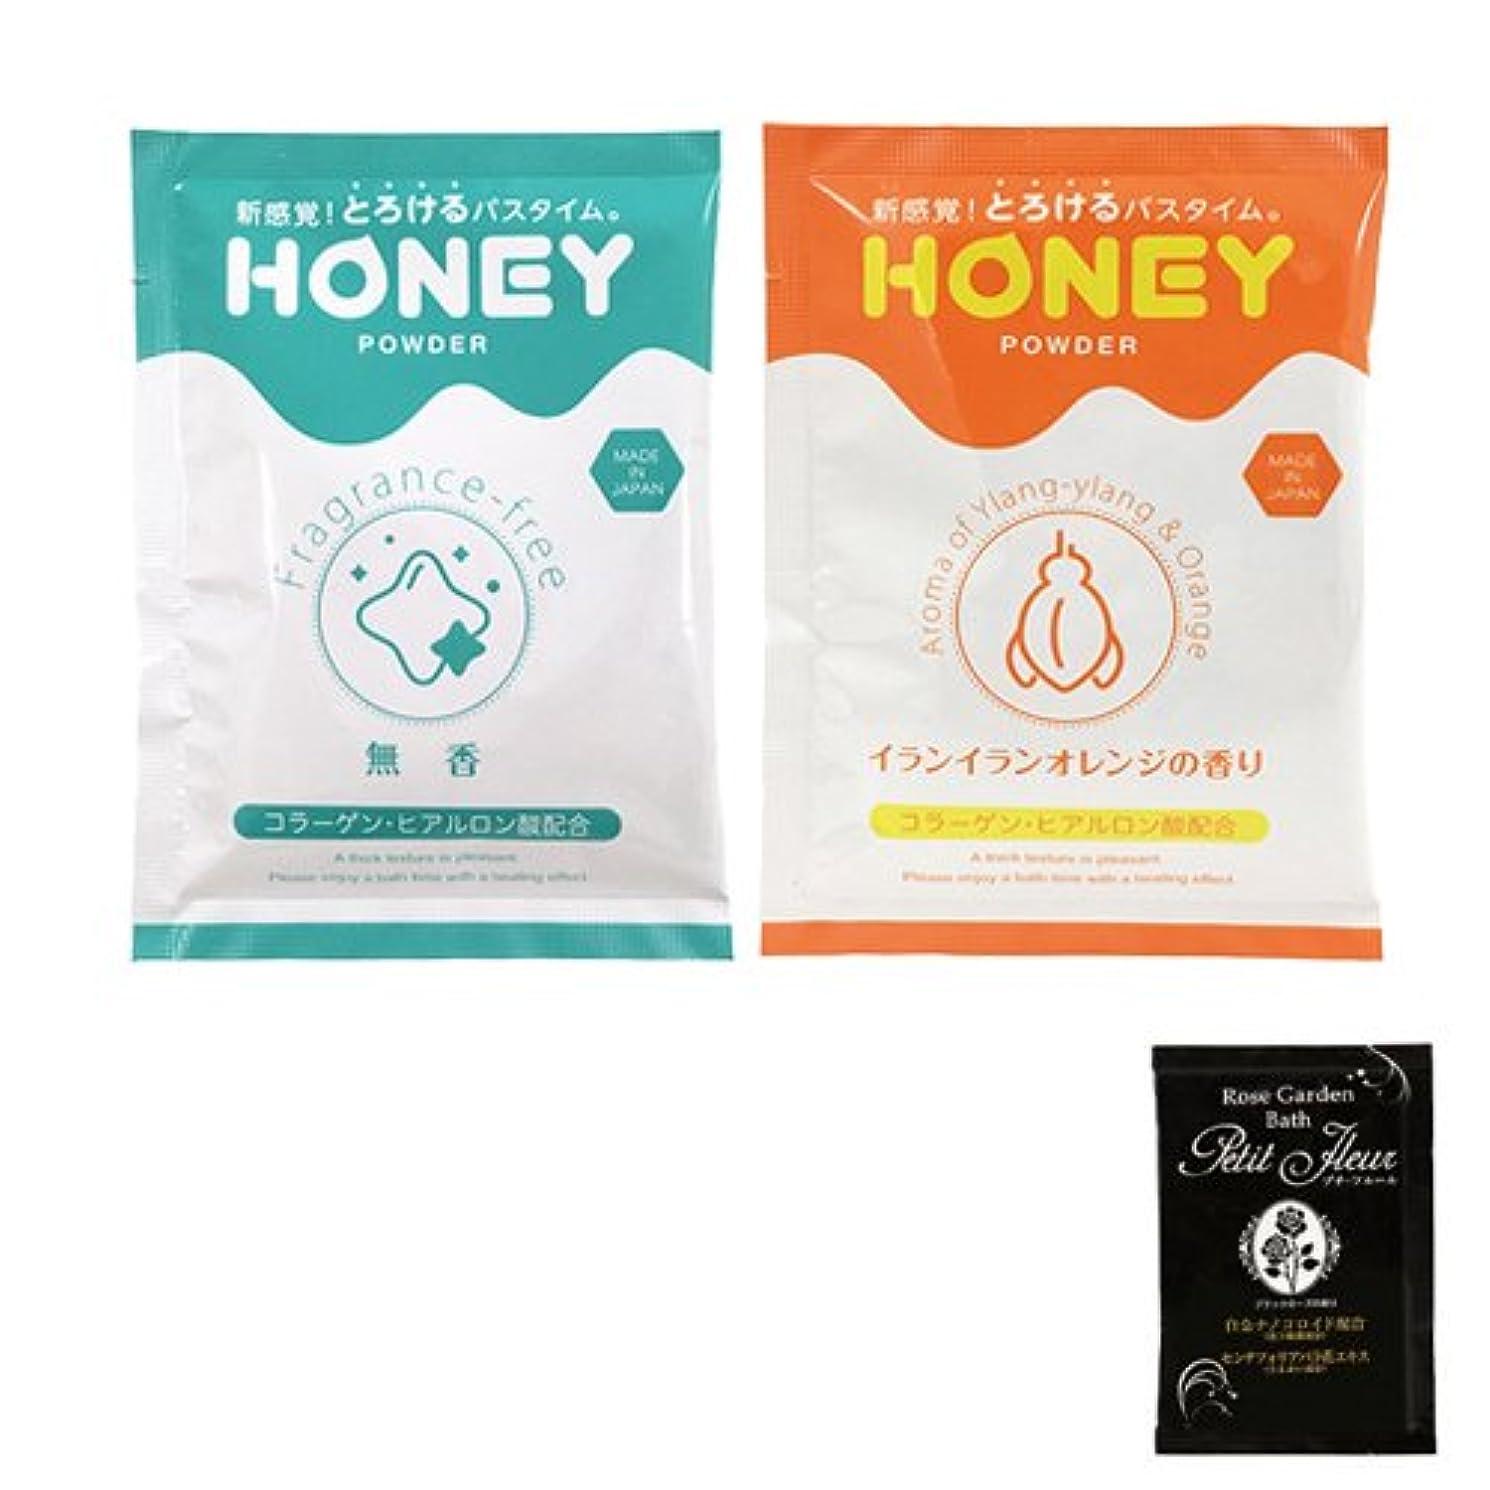 独立したコメント炎上とろとろ入浴剤【honey powder】粉末タイプ イランイランオレンジの香り + 無香 + 入浴剤(プチフルール)1回分